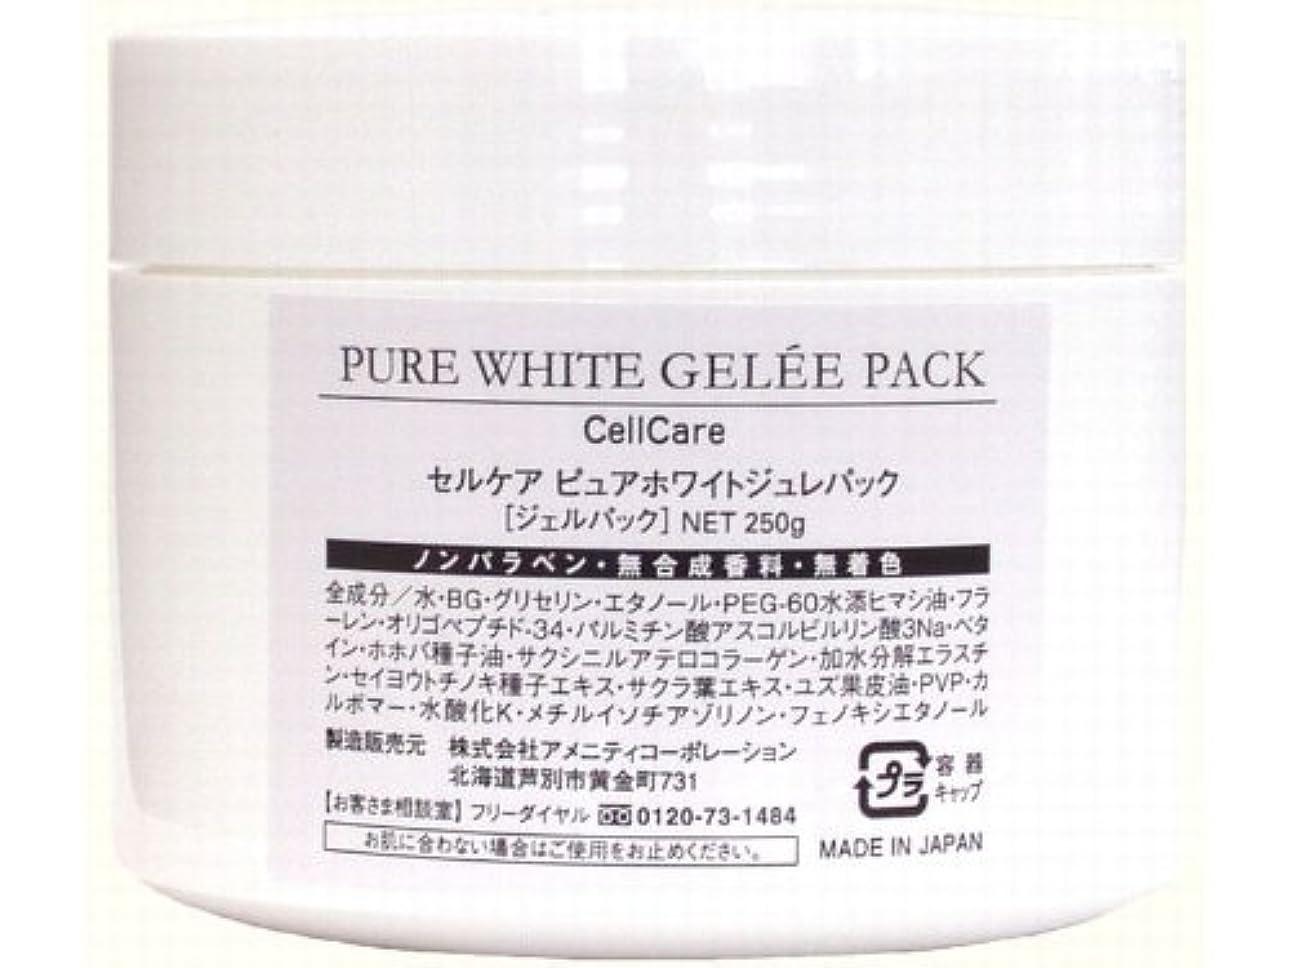 別に熟読する変色するセルケア ピュアホワイトジュレパック 250g